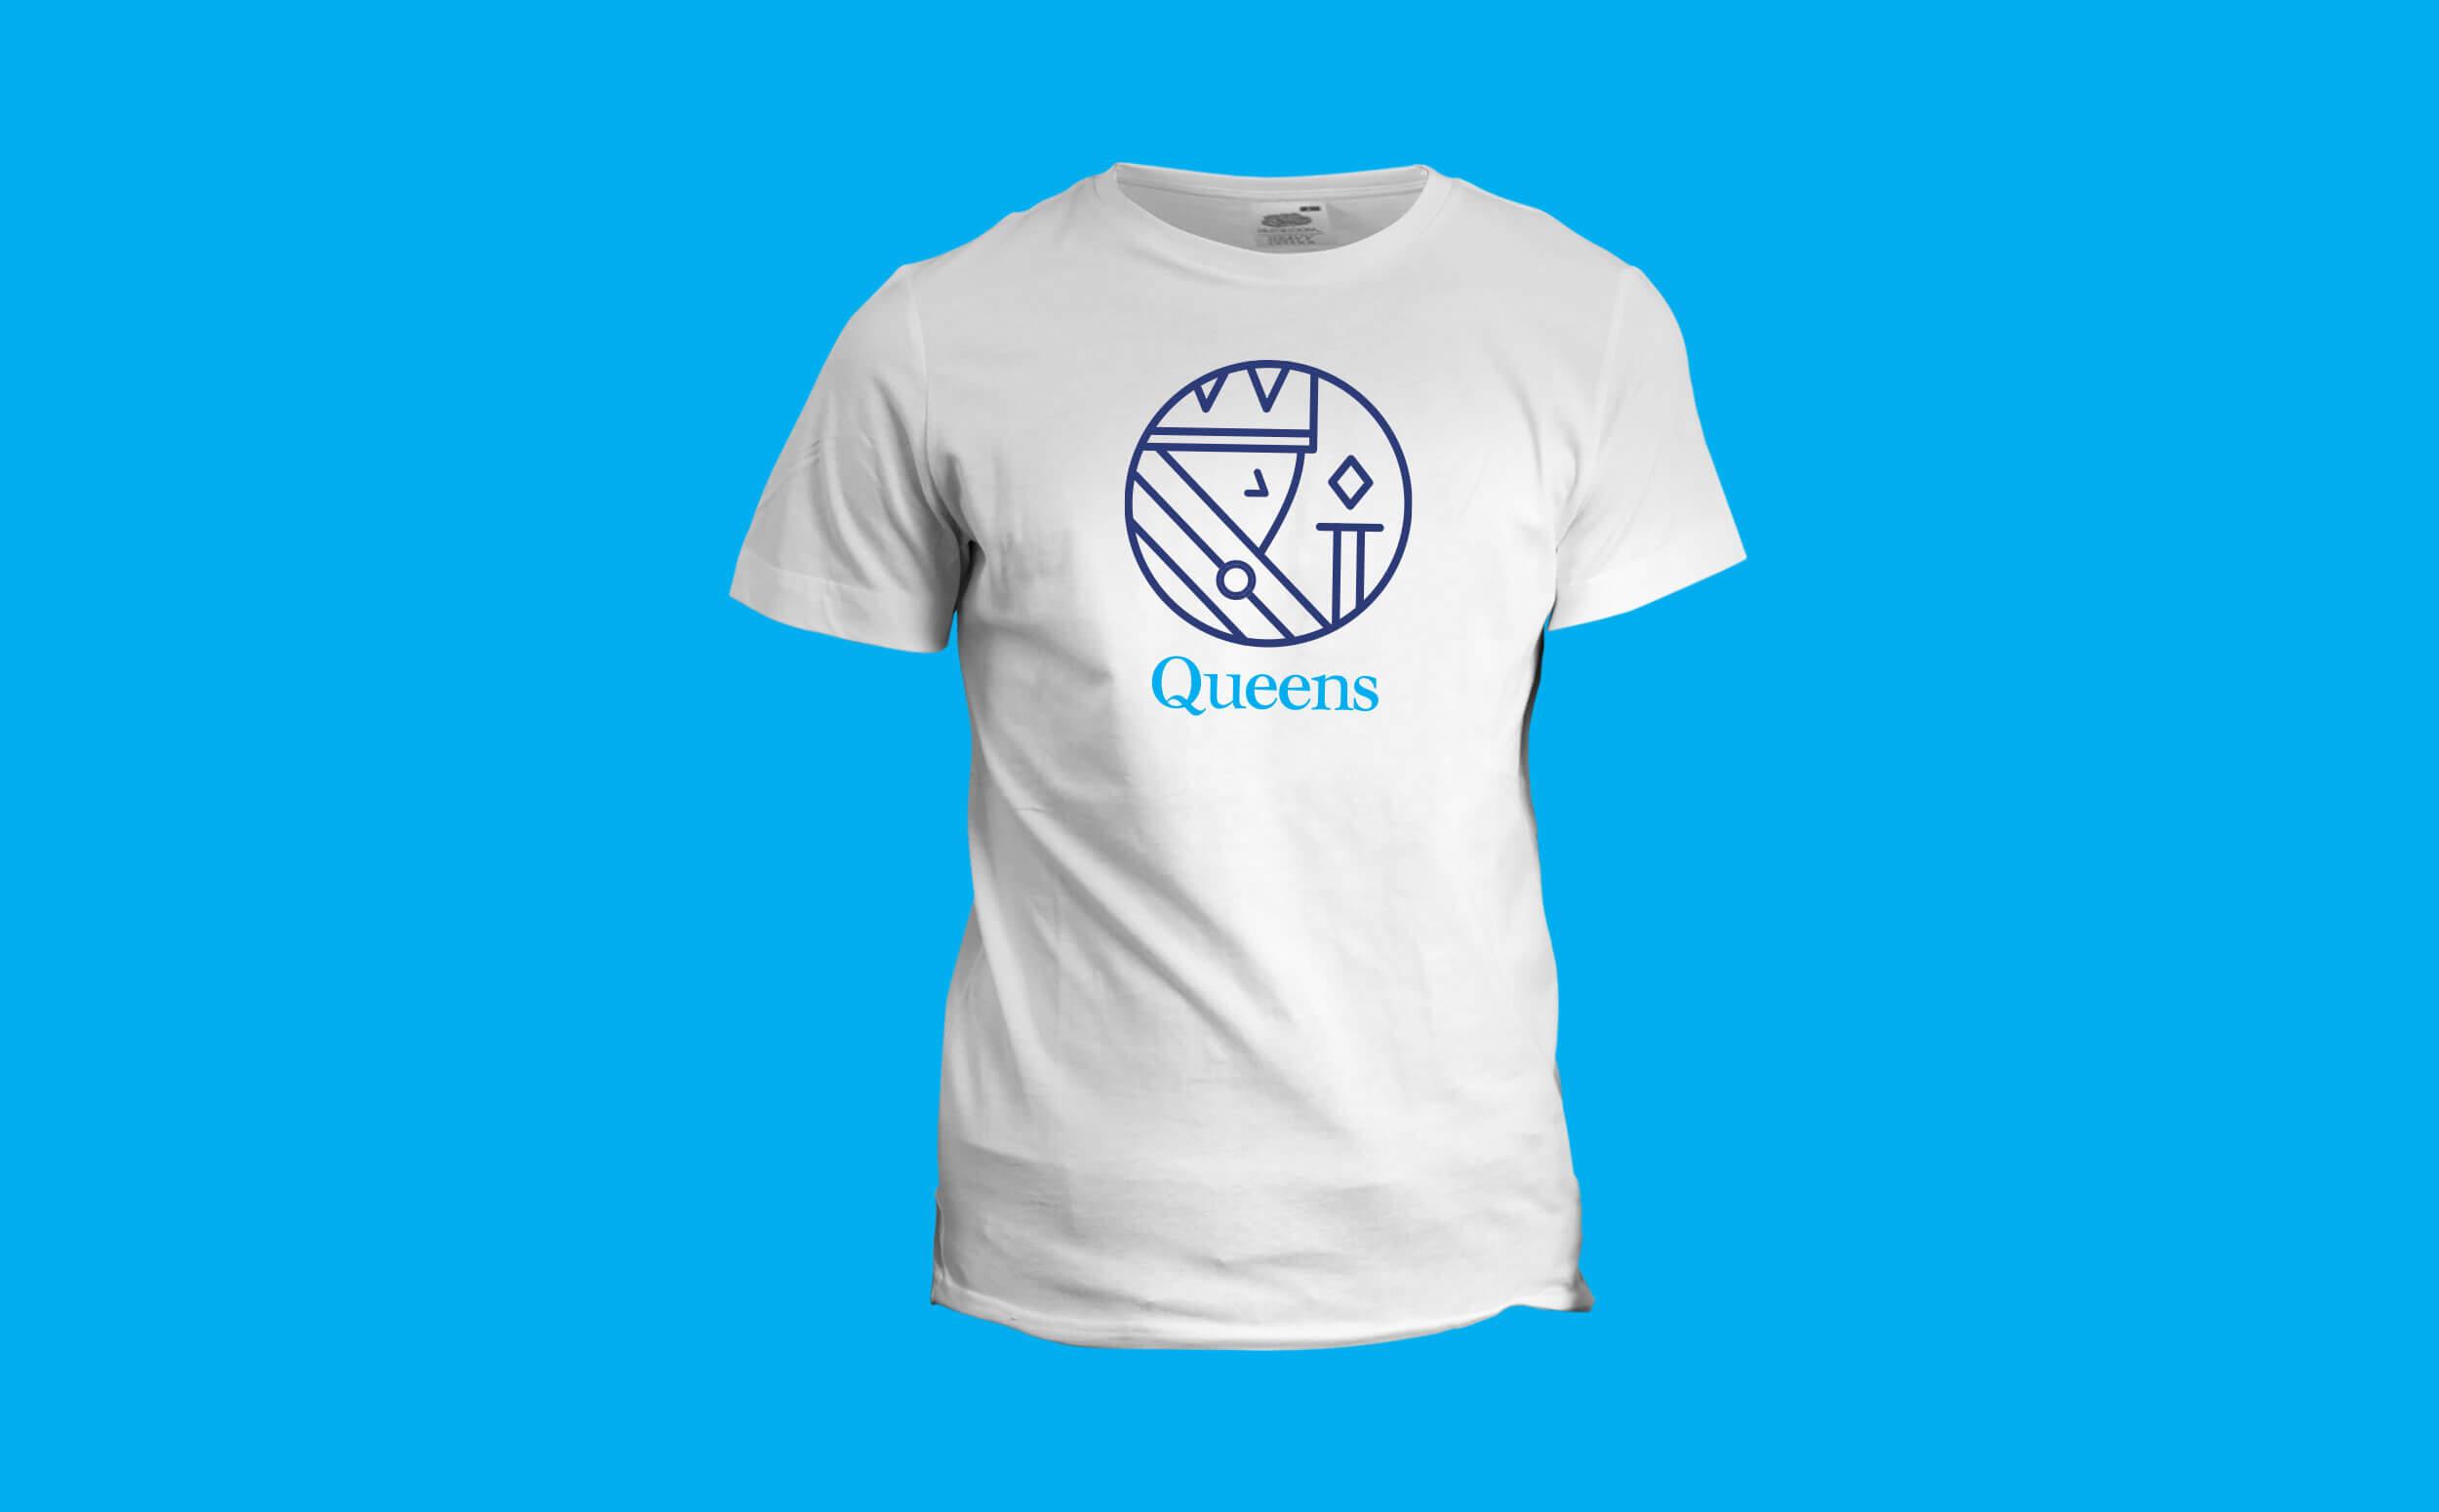 queens_shirt